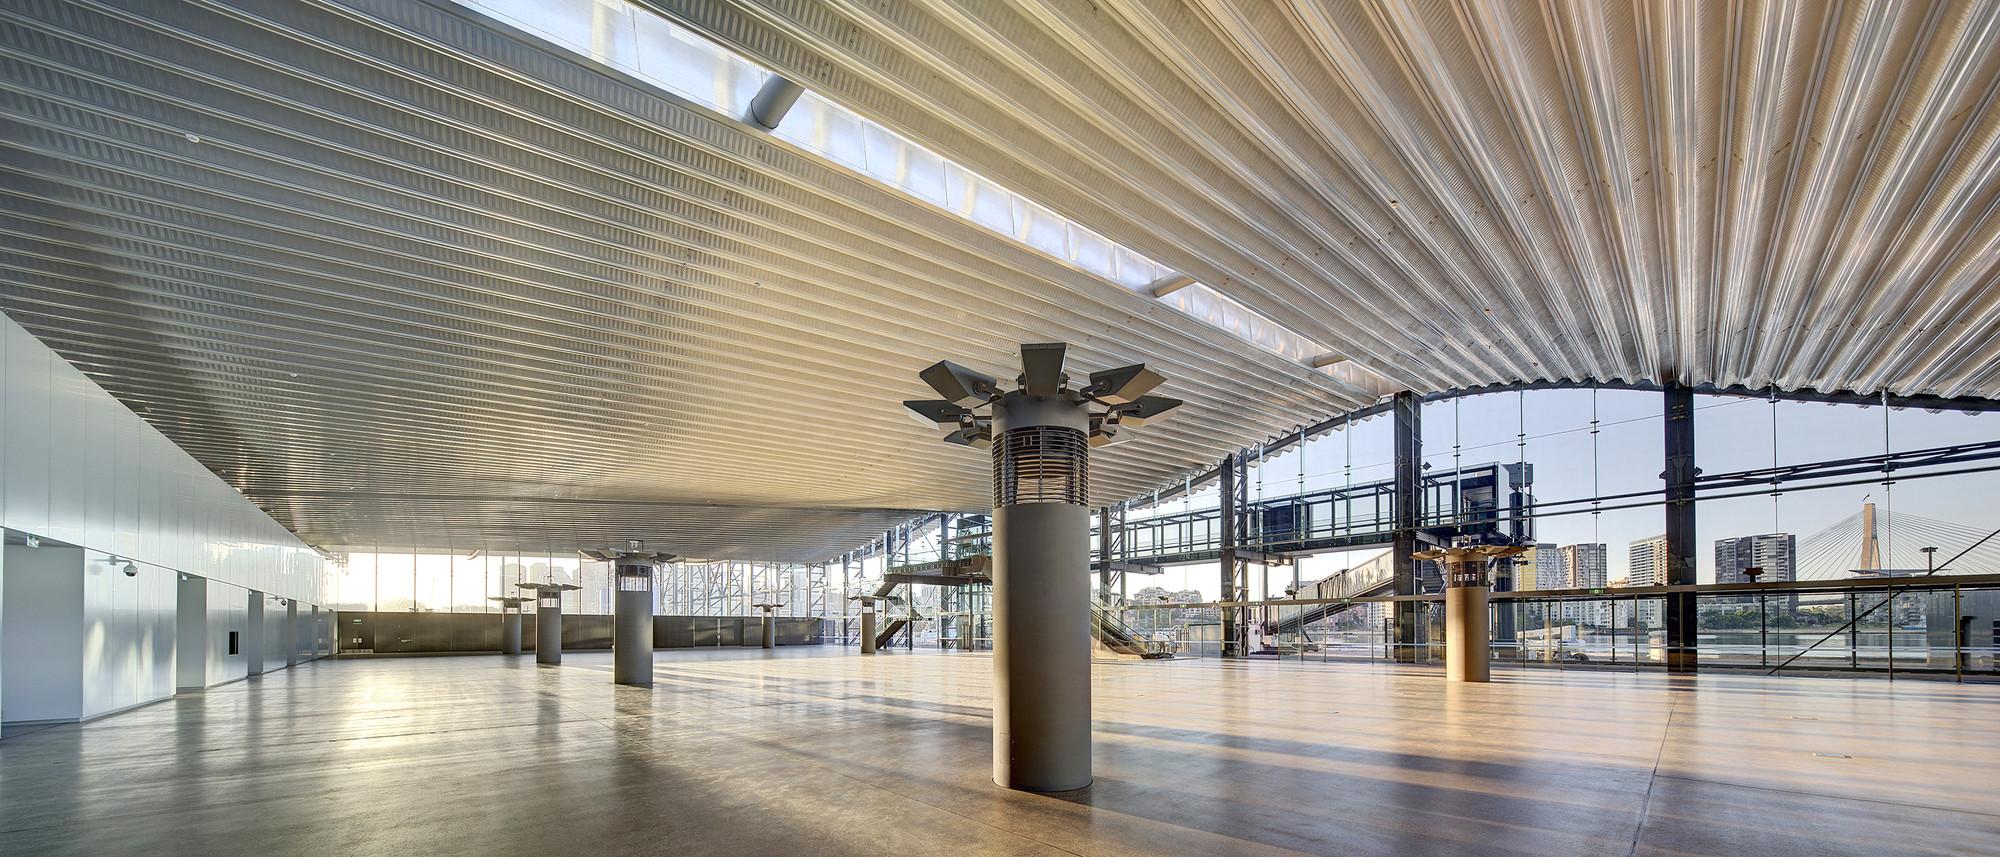 Intricate ceiling engineering